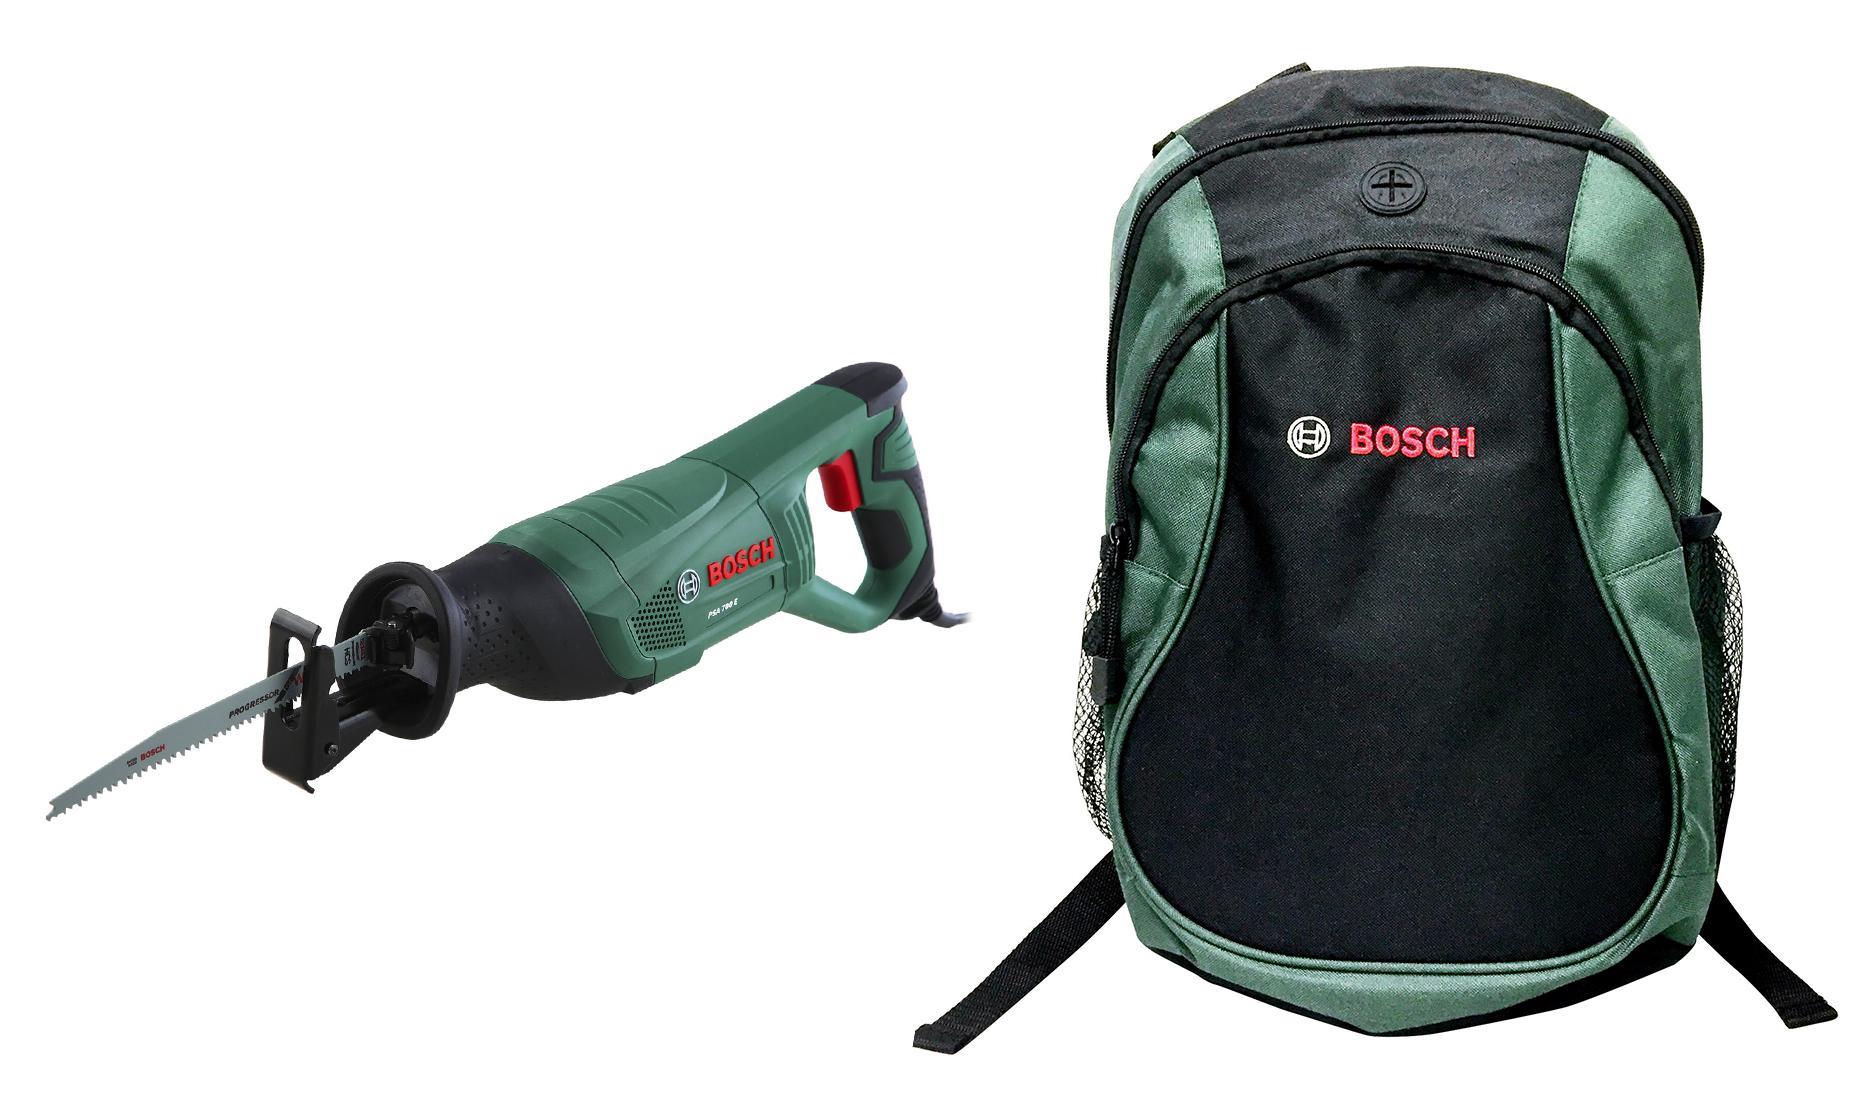 Набор Bosch Ножовка psa 700 e (06033a7020) + рюкзак green (1619g45200) dia 500mm 1200w 220v w 3m psa